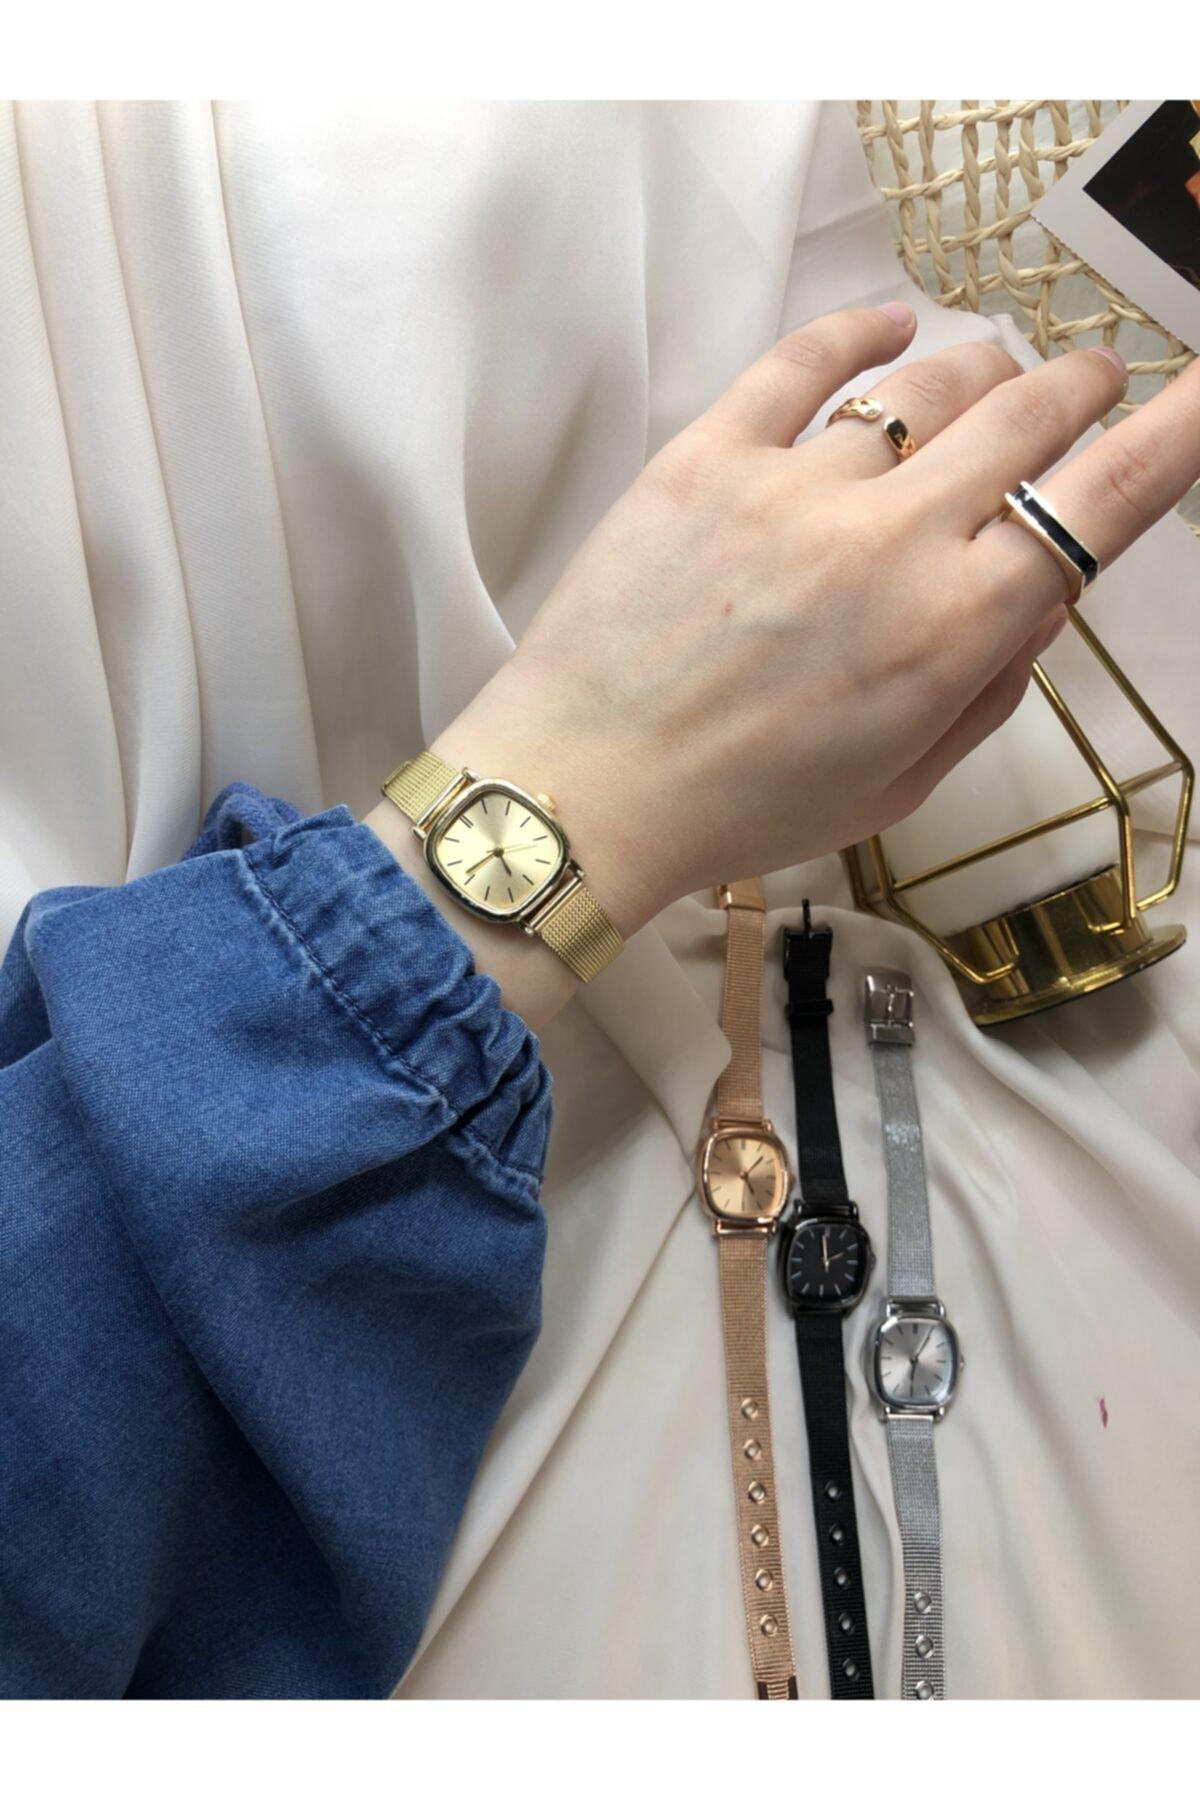 Ess Takı & Saat Retro Minimal Çelik Hasır Kordon Kadın Kol Saati -gold 1